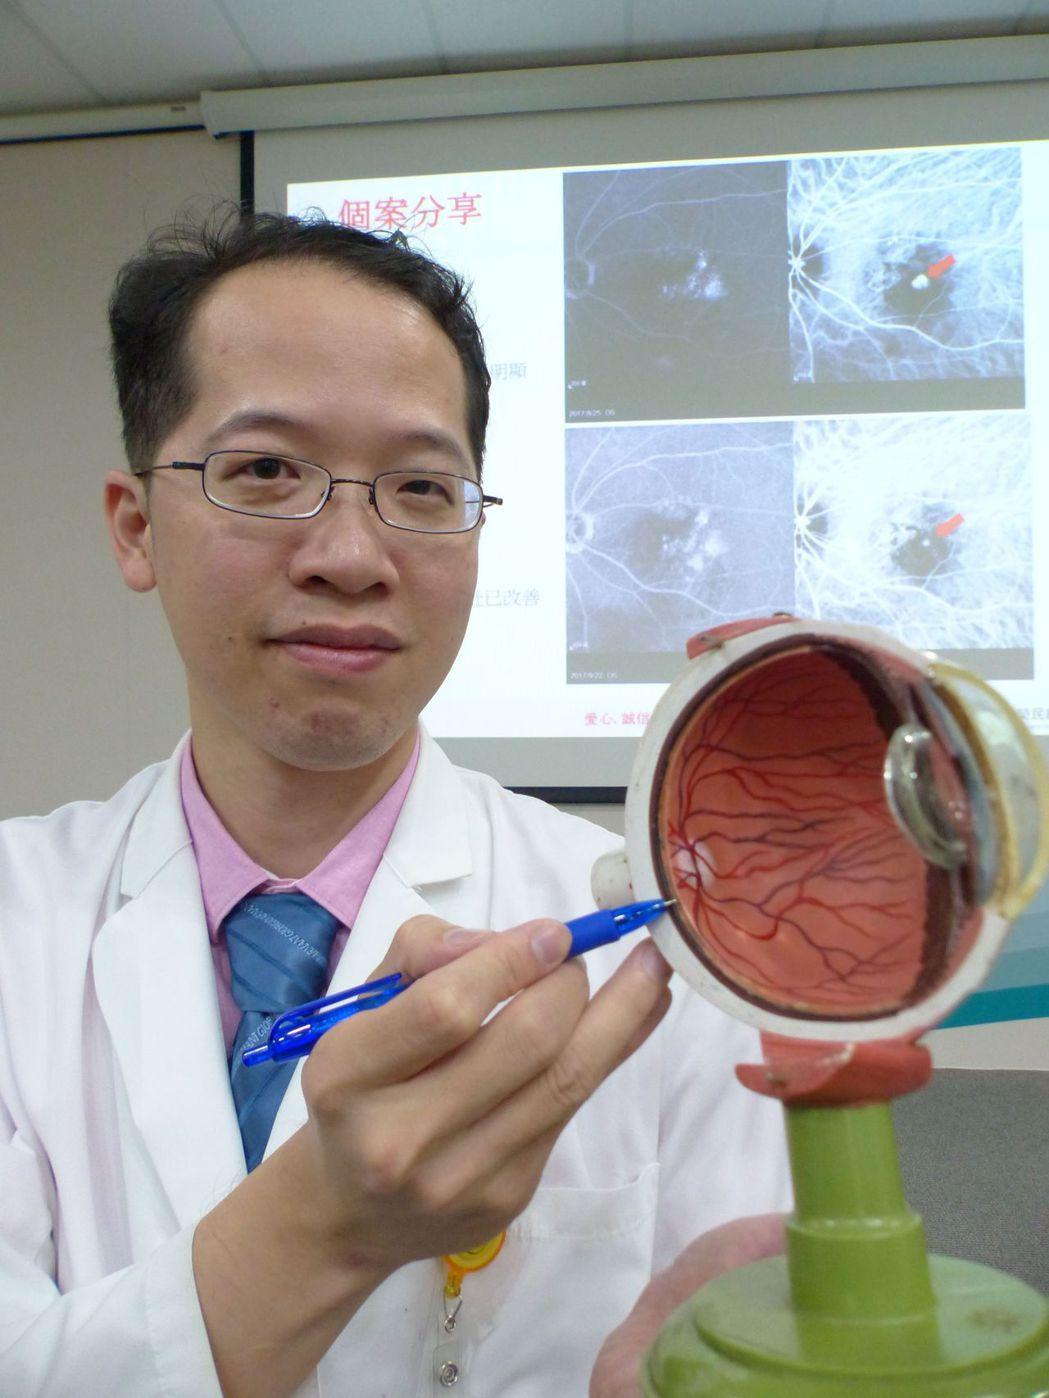 醫師許閔彥說明,彭姓餐廳主廚以雷射光打在病灶上83秒激發藥物,視力恢復正常。記者...